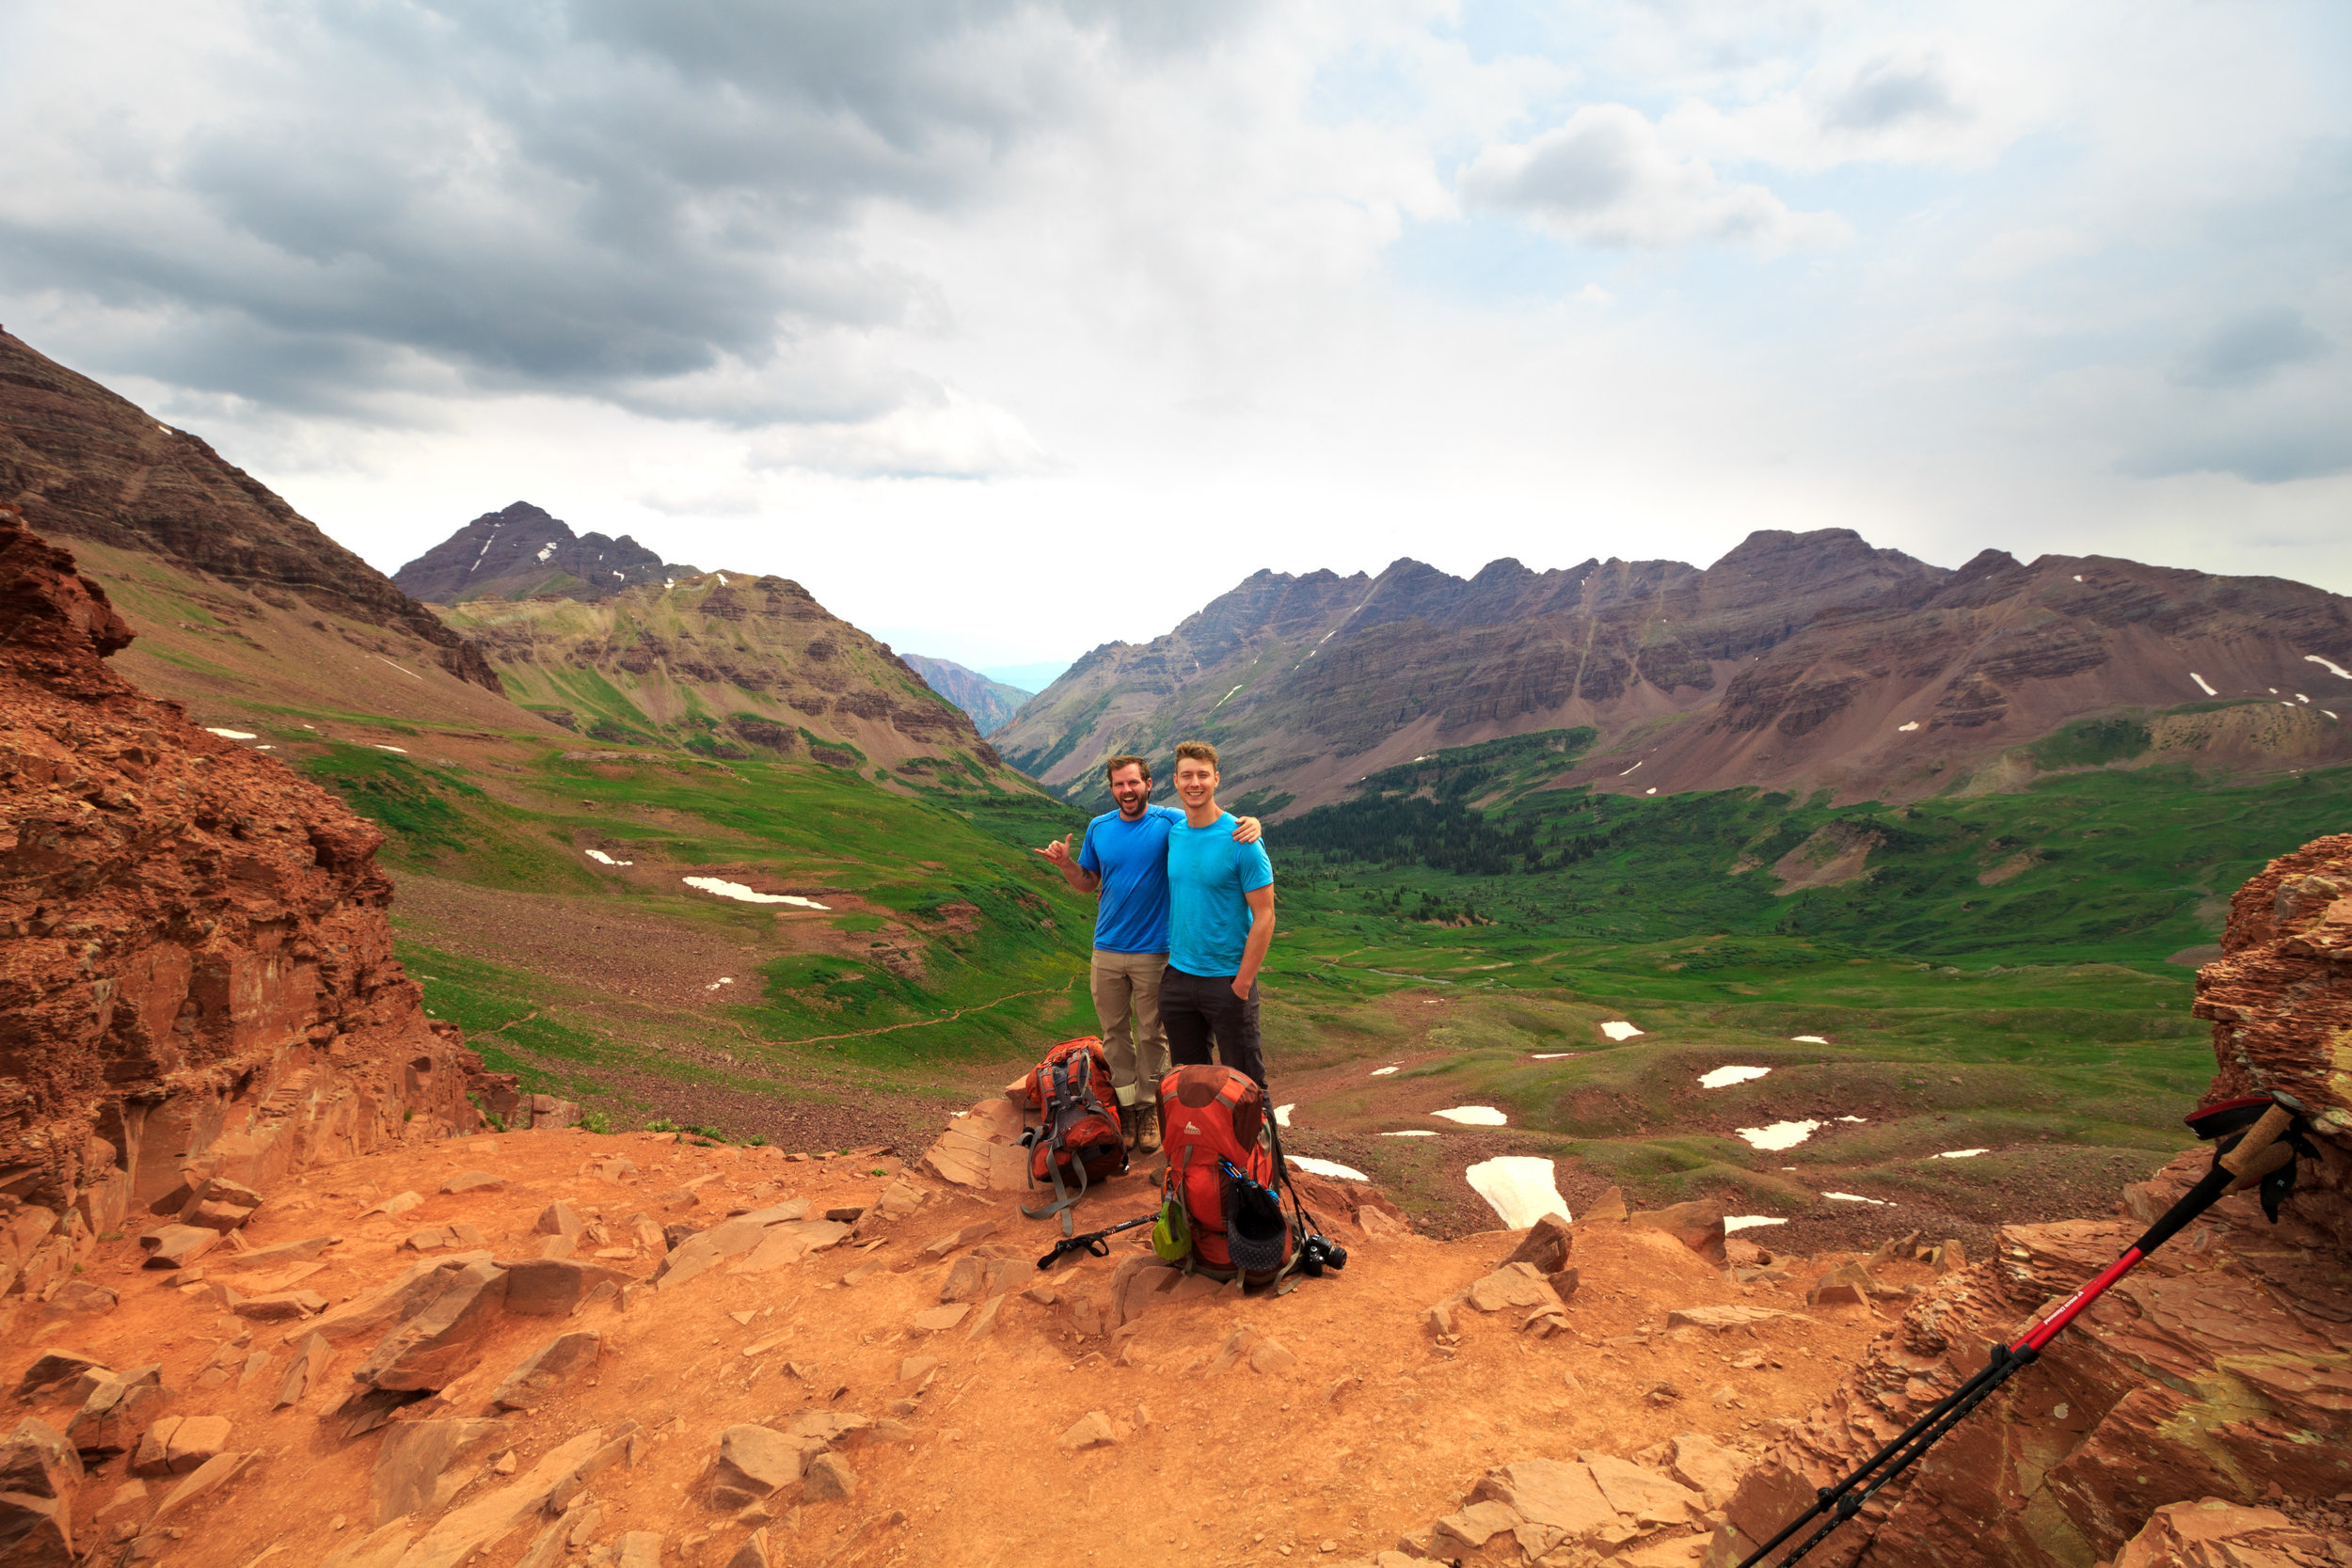 West Maroon Pass, Colorado